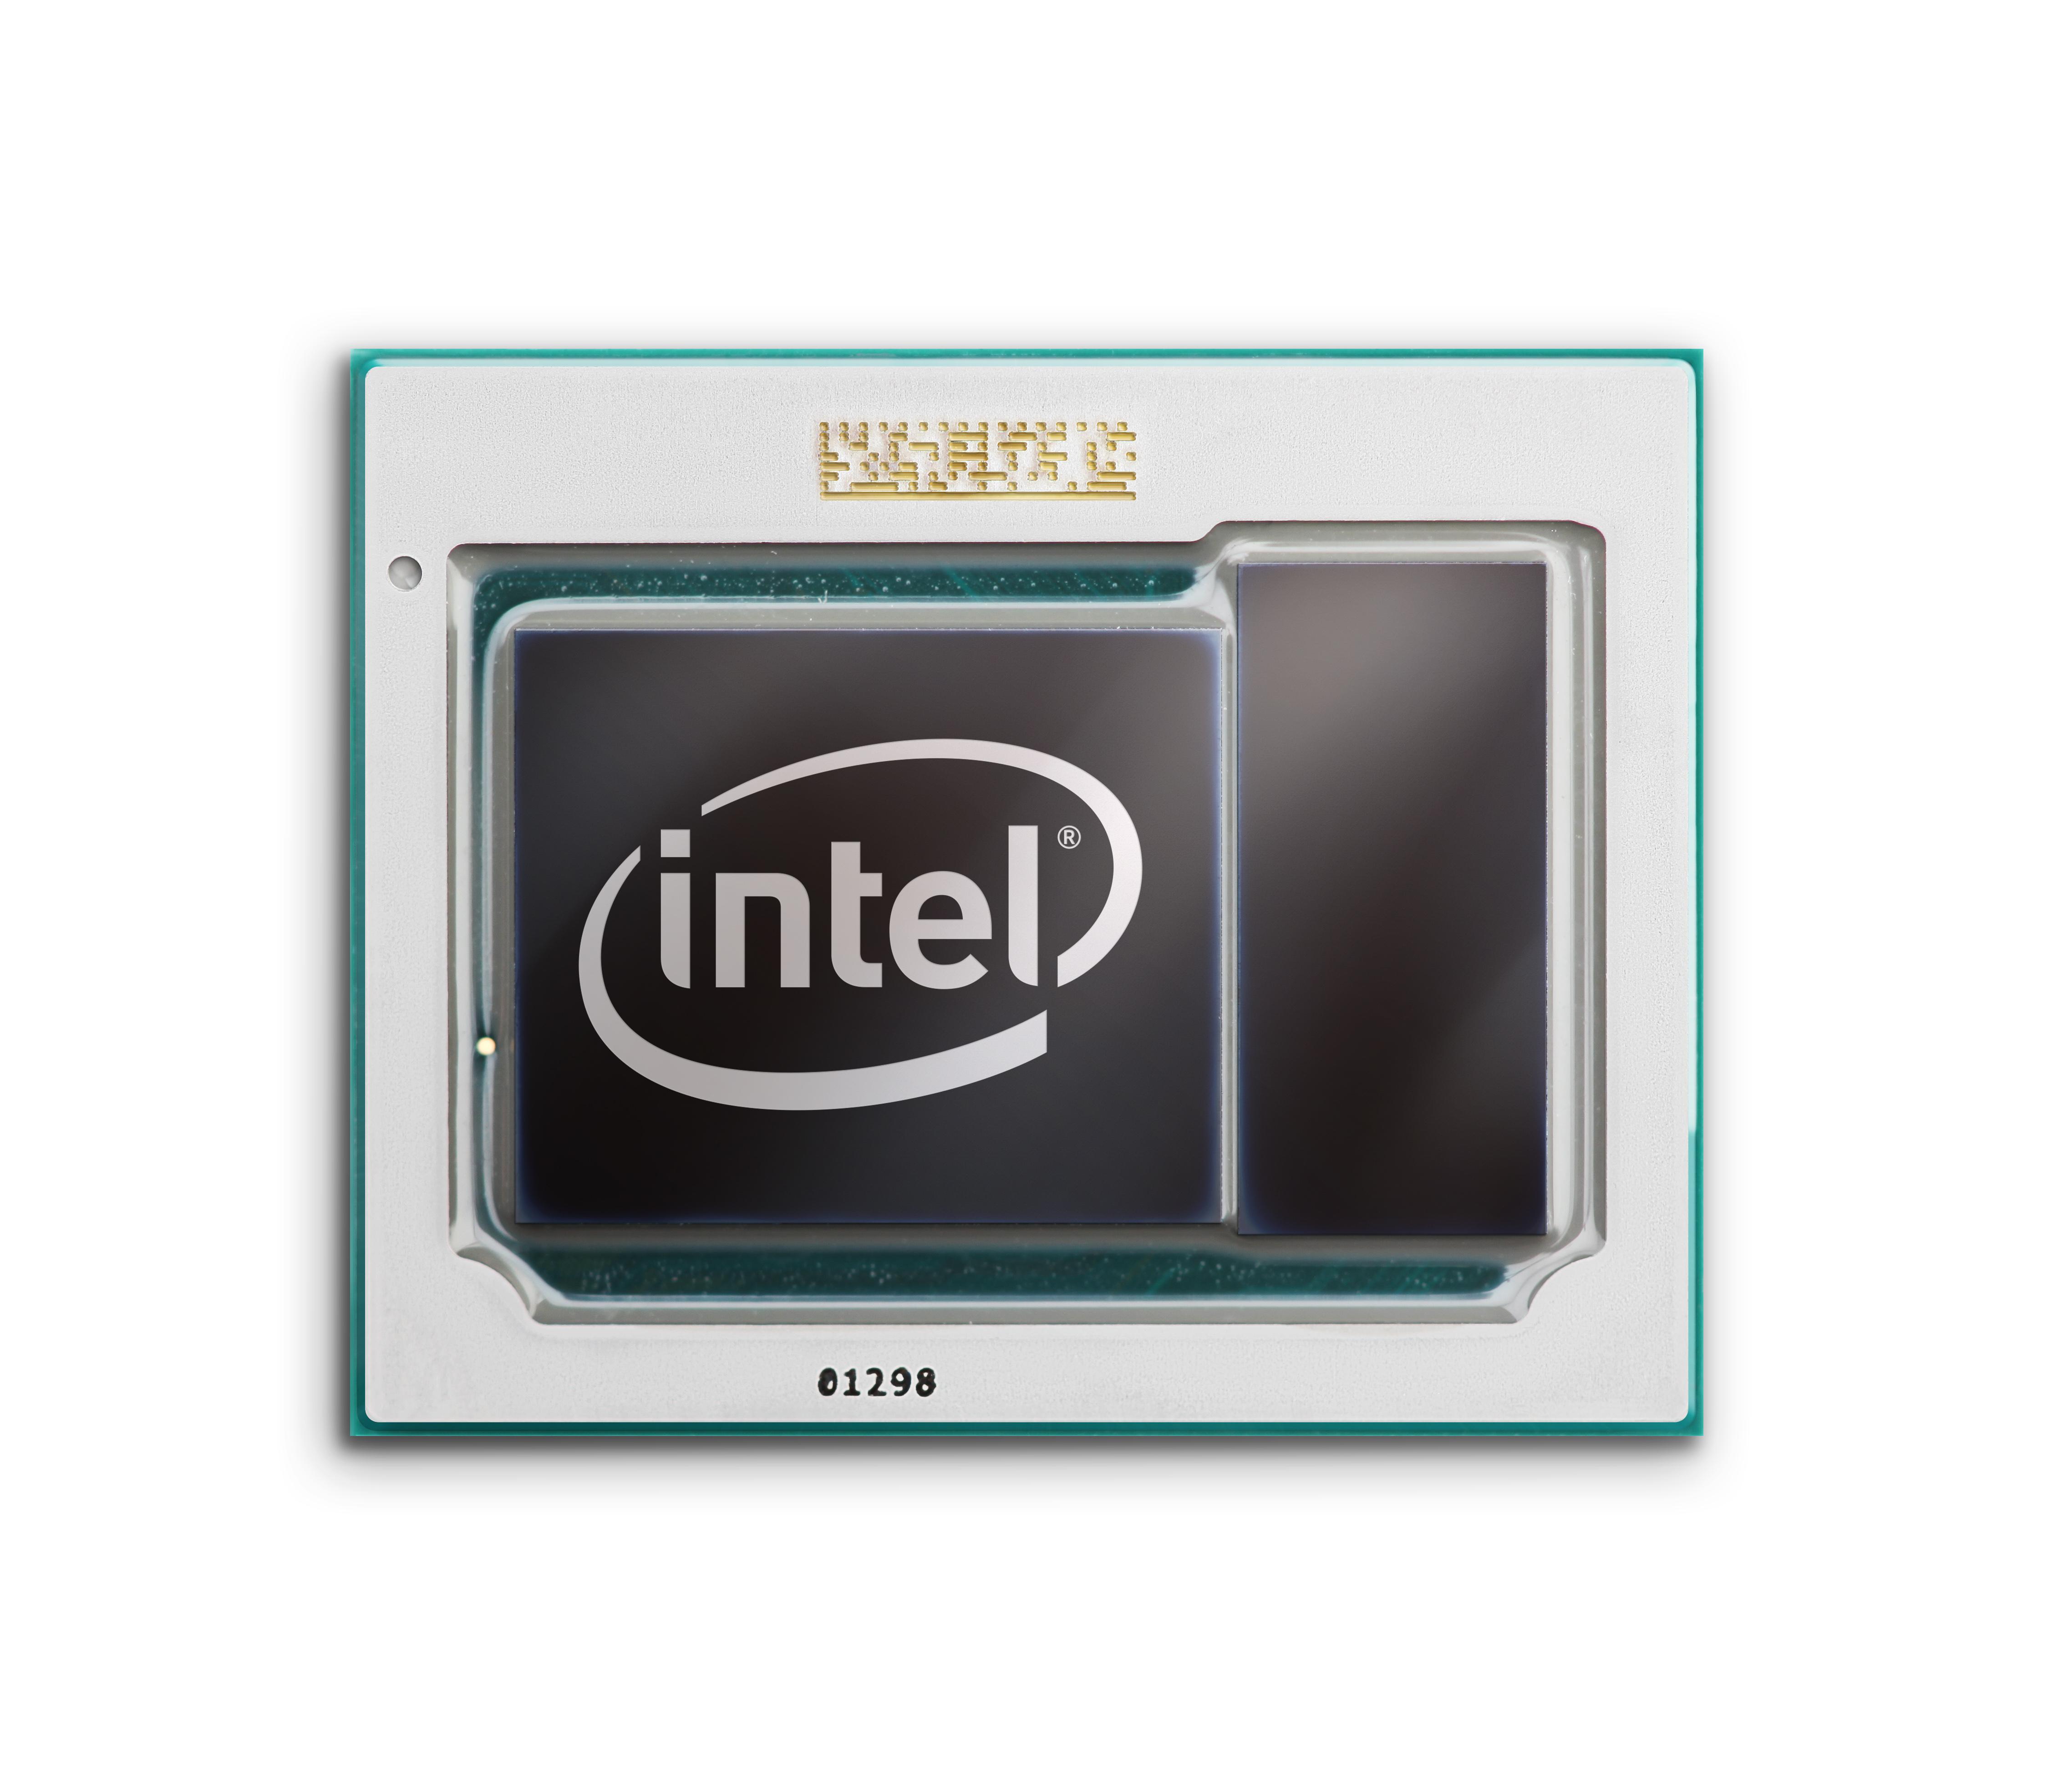 7th Gen Intel Core Y-series with logo